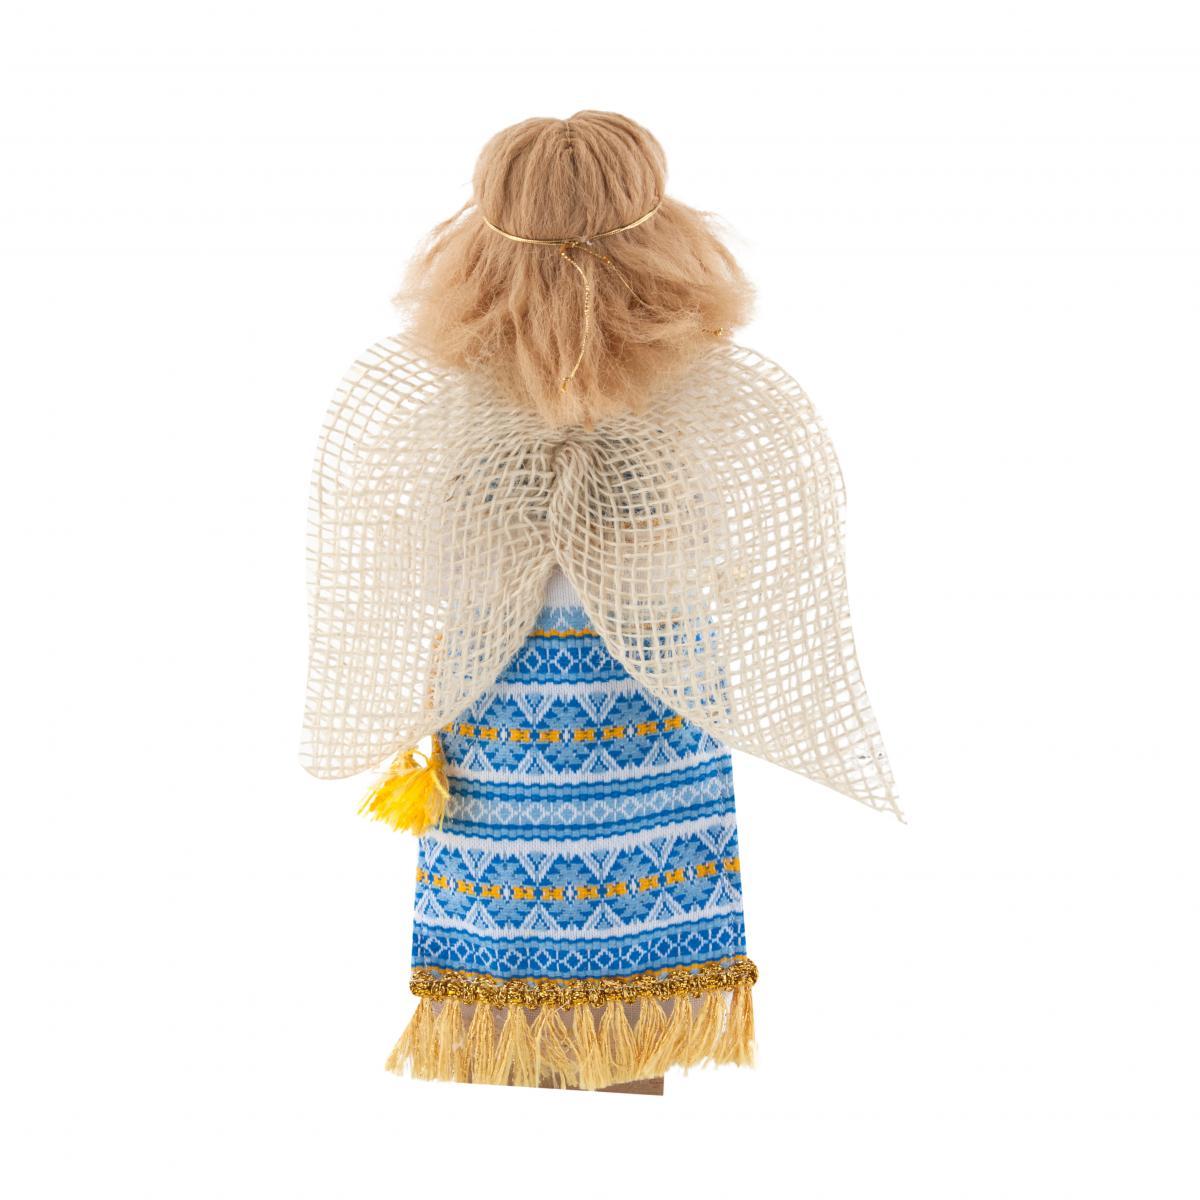 Мотанка Ангел голубой. Фото №2.   Народный дом Украина